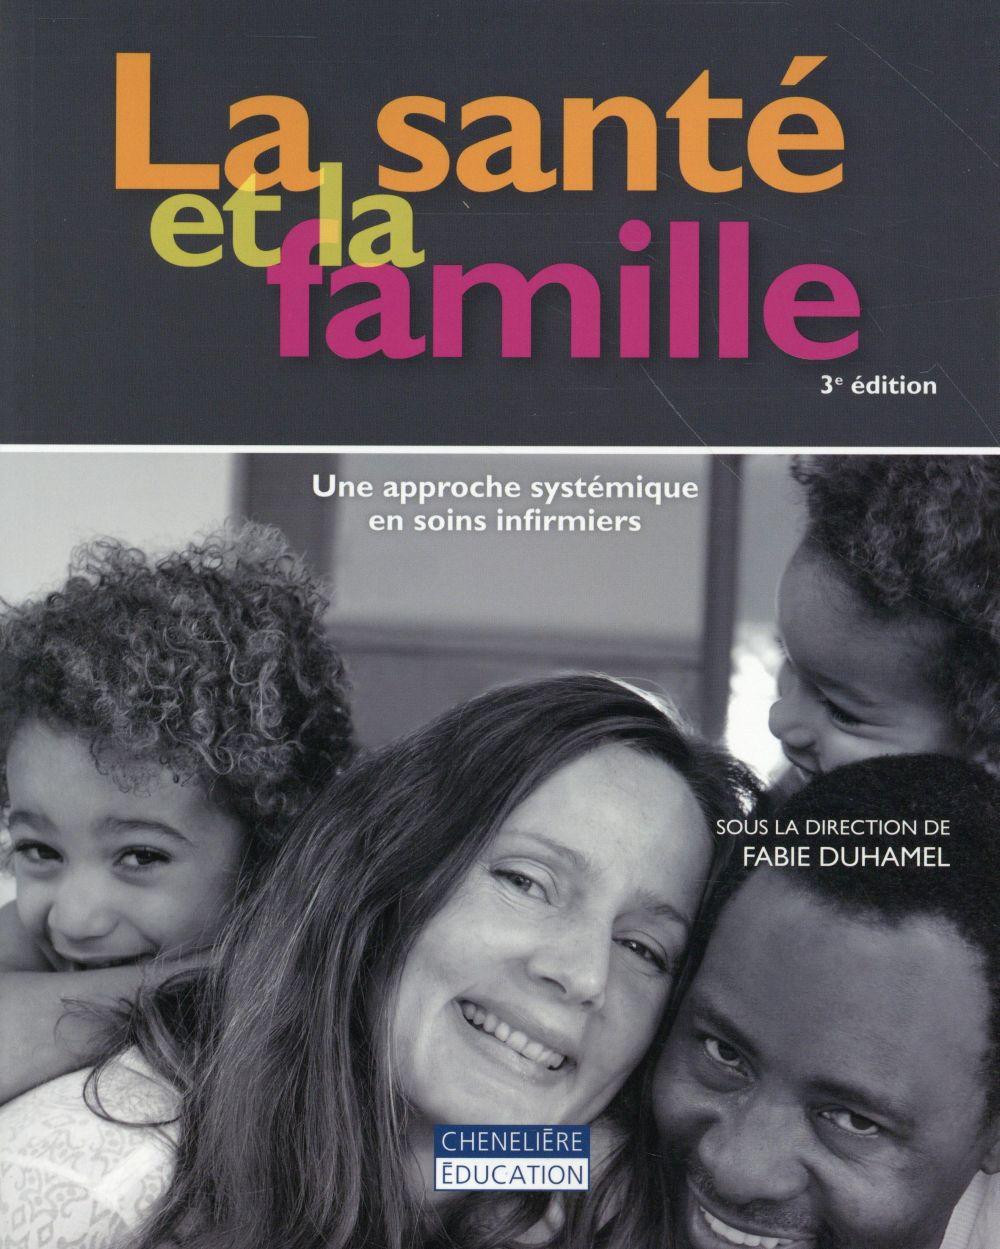 SANTE ET LA FAMILLE (3ED) (LA) - UNE APPROCHE SYSTEMIQUE EN SOINS INFIRMIERS